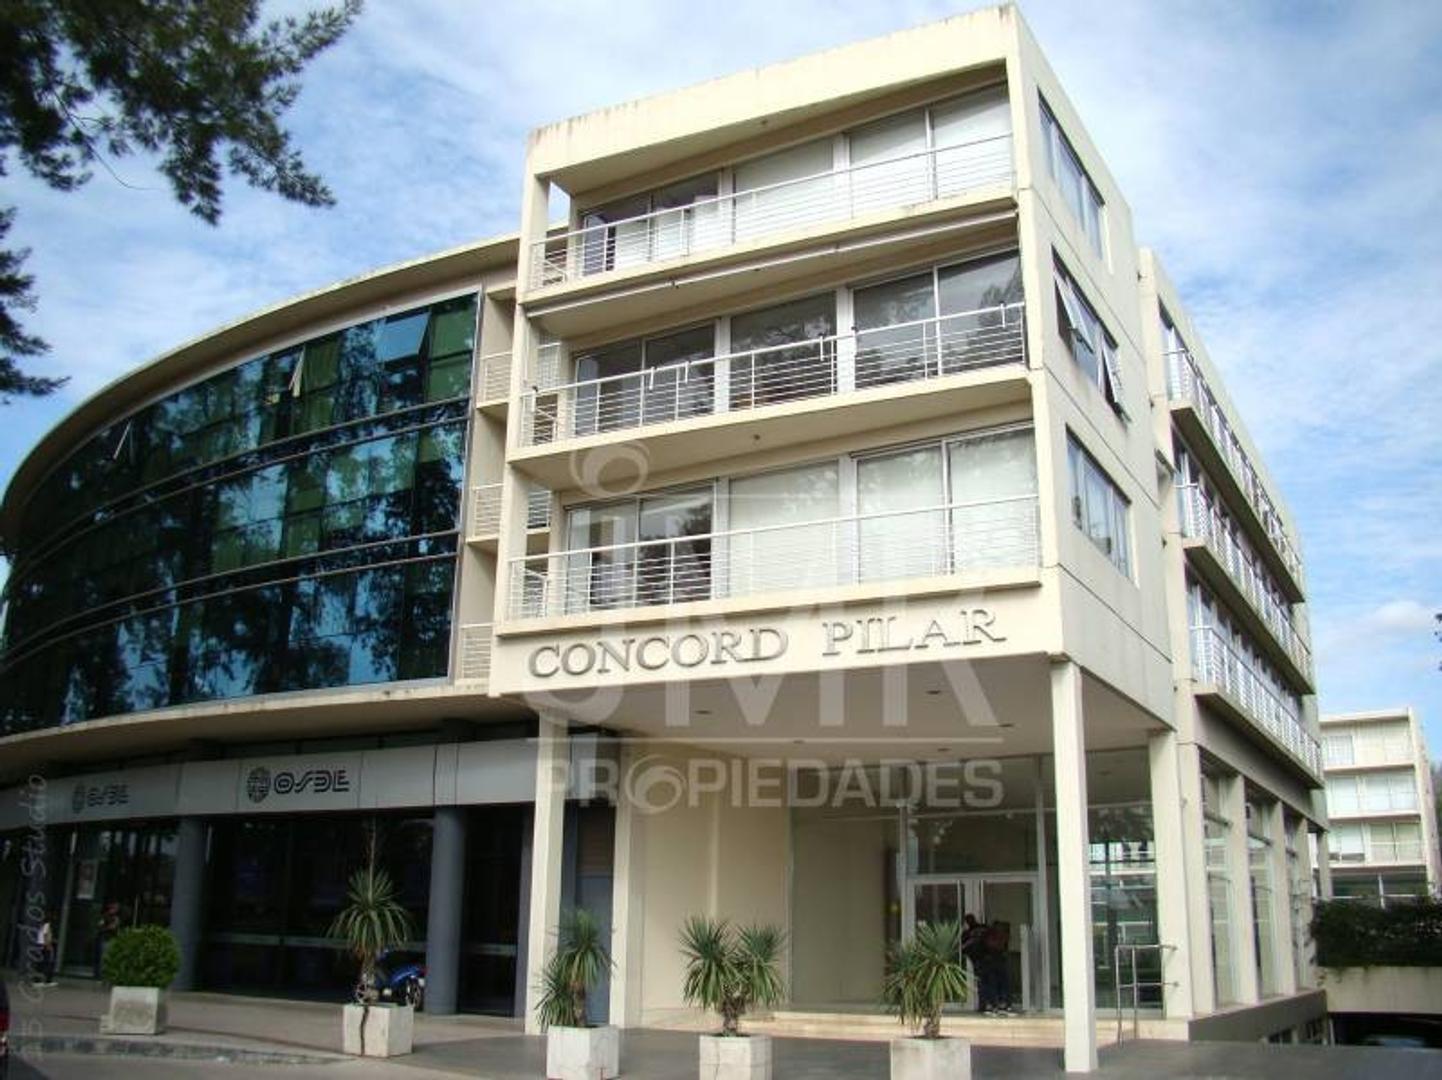 JMR Propiedades   Concord Pilar    Excelente Oficina en venta